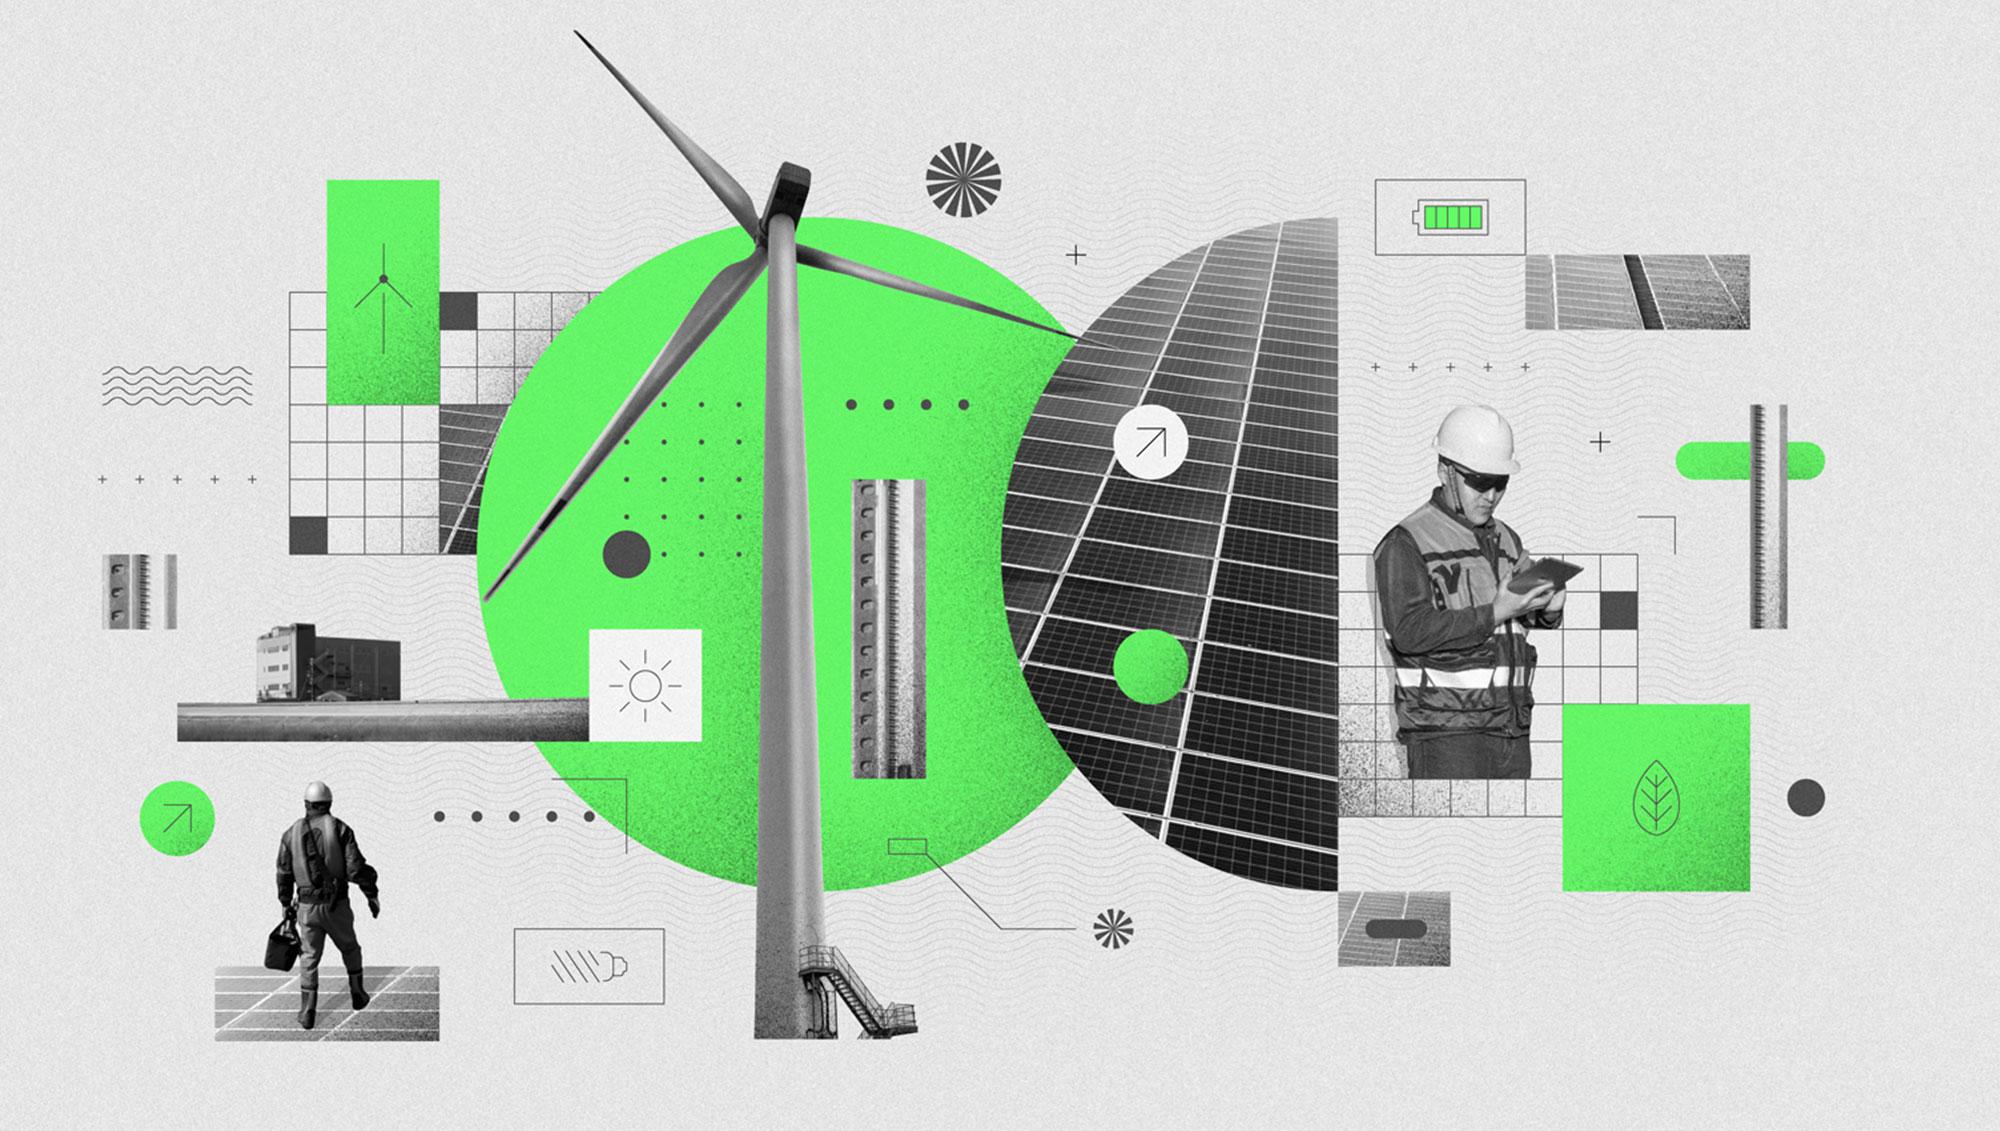 苹果表示将超额实现 2020 年清洁能源目标